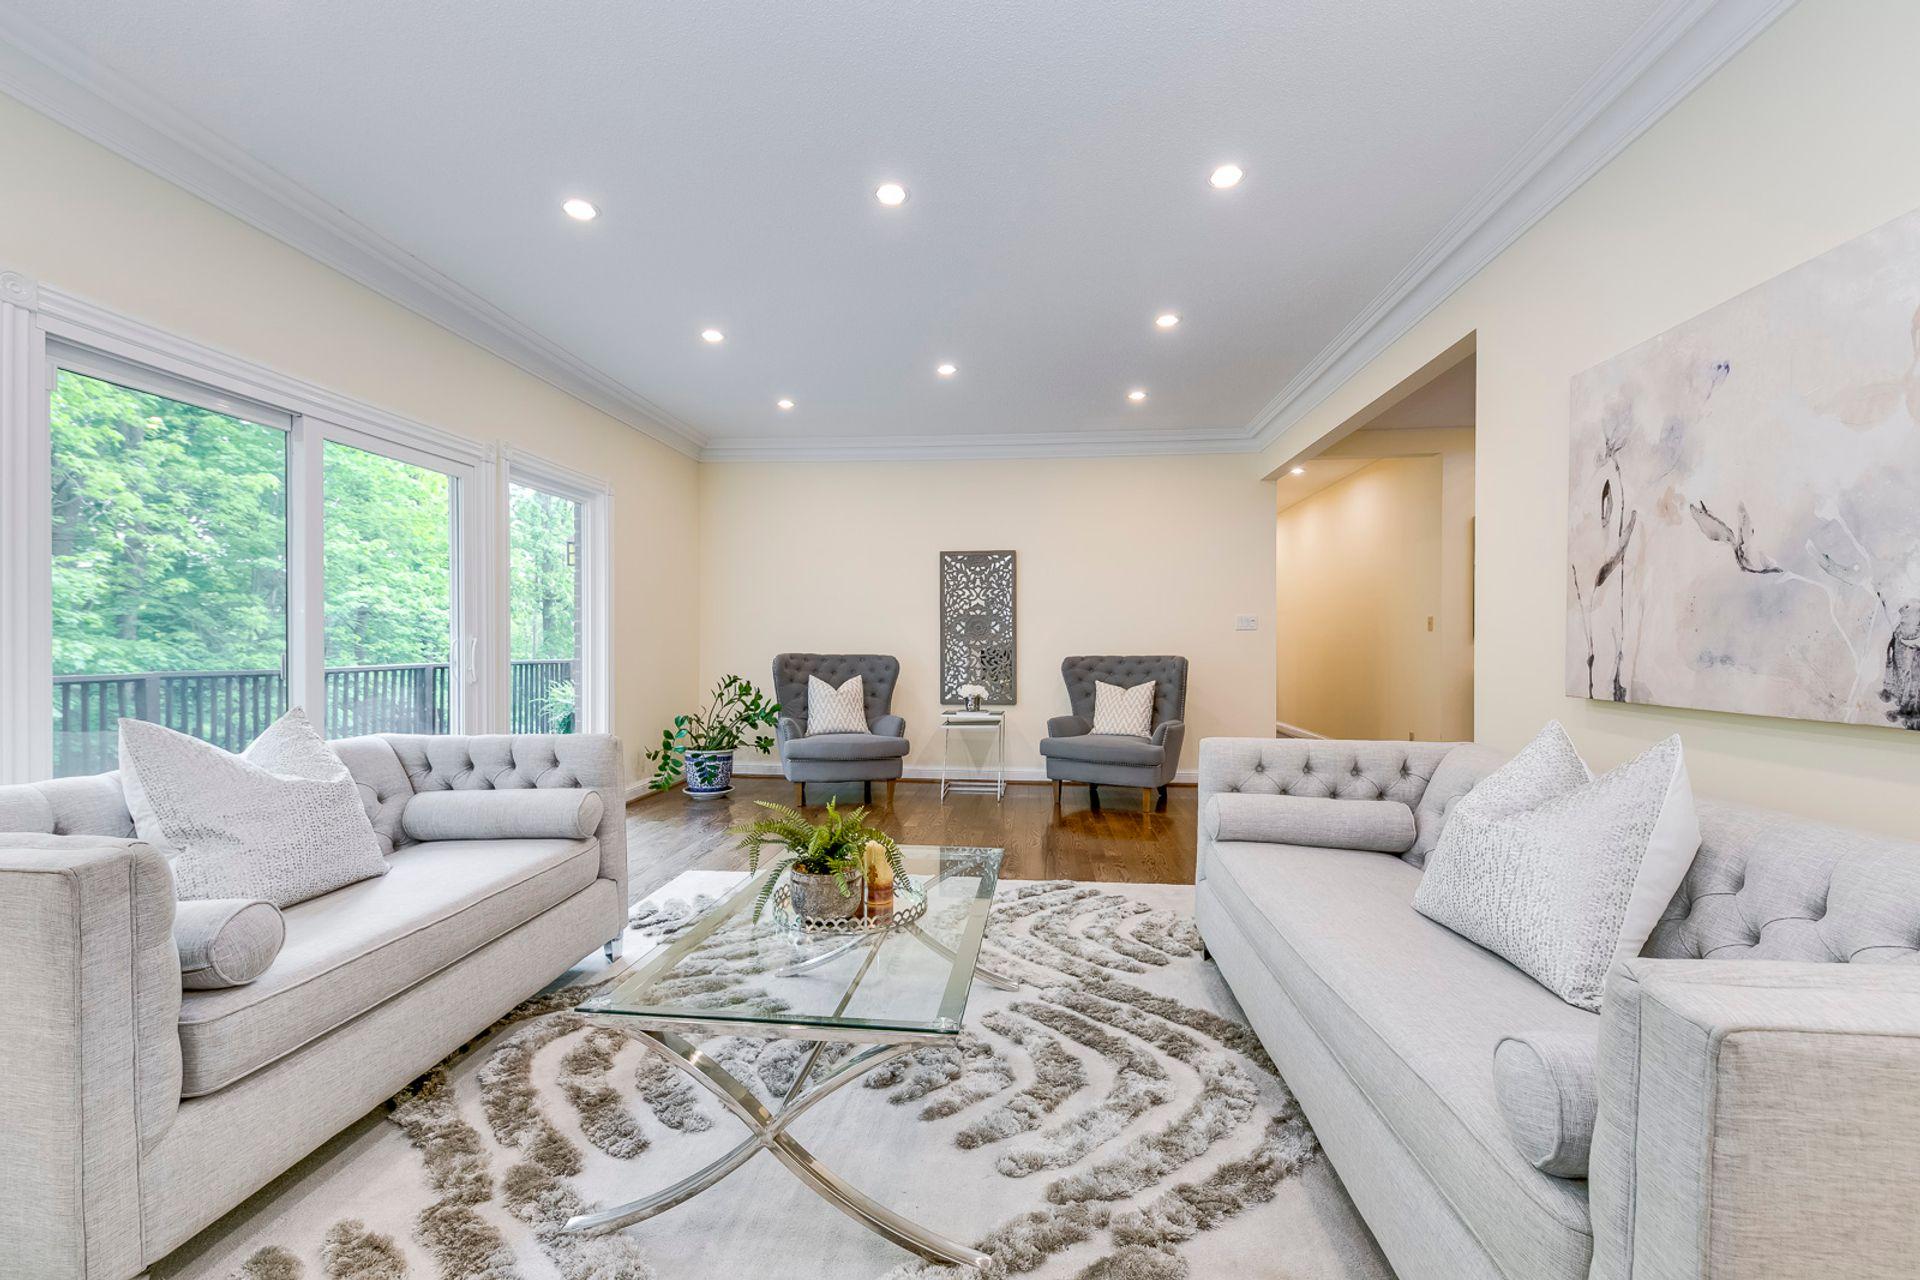 Living Room - 2421 Jarvis St, Mississauga - Elite3 & Team at 2421 Jarvis Street, Airport Corporate, Mississauga